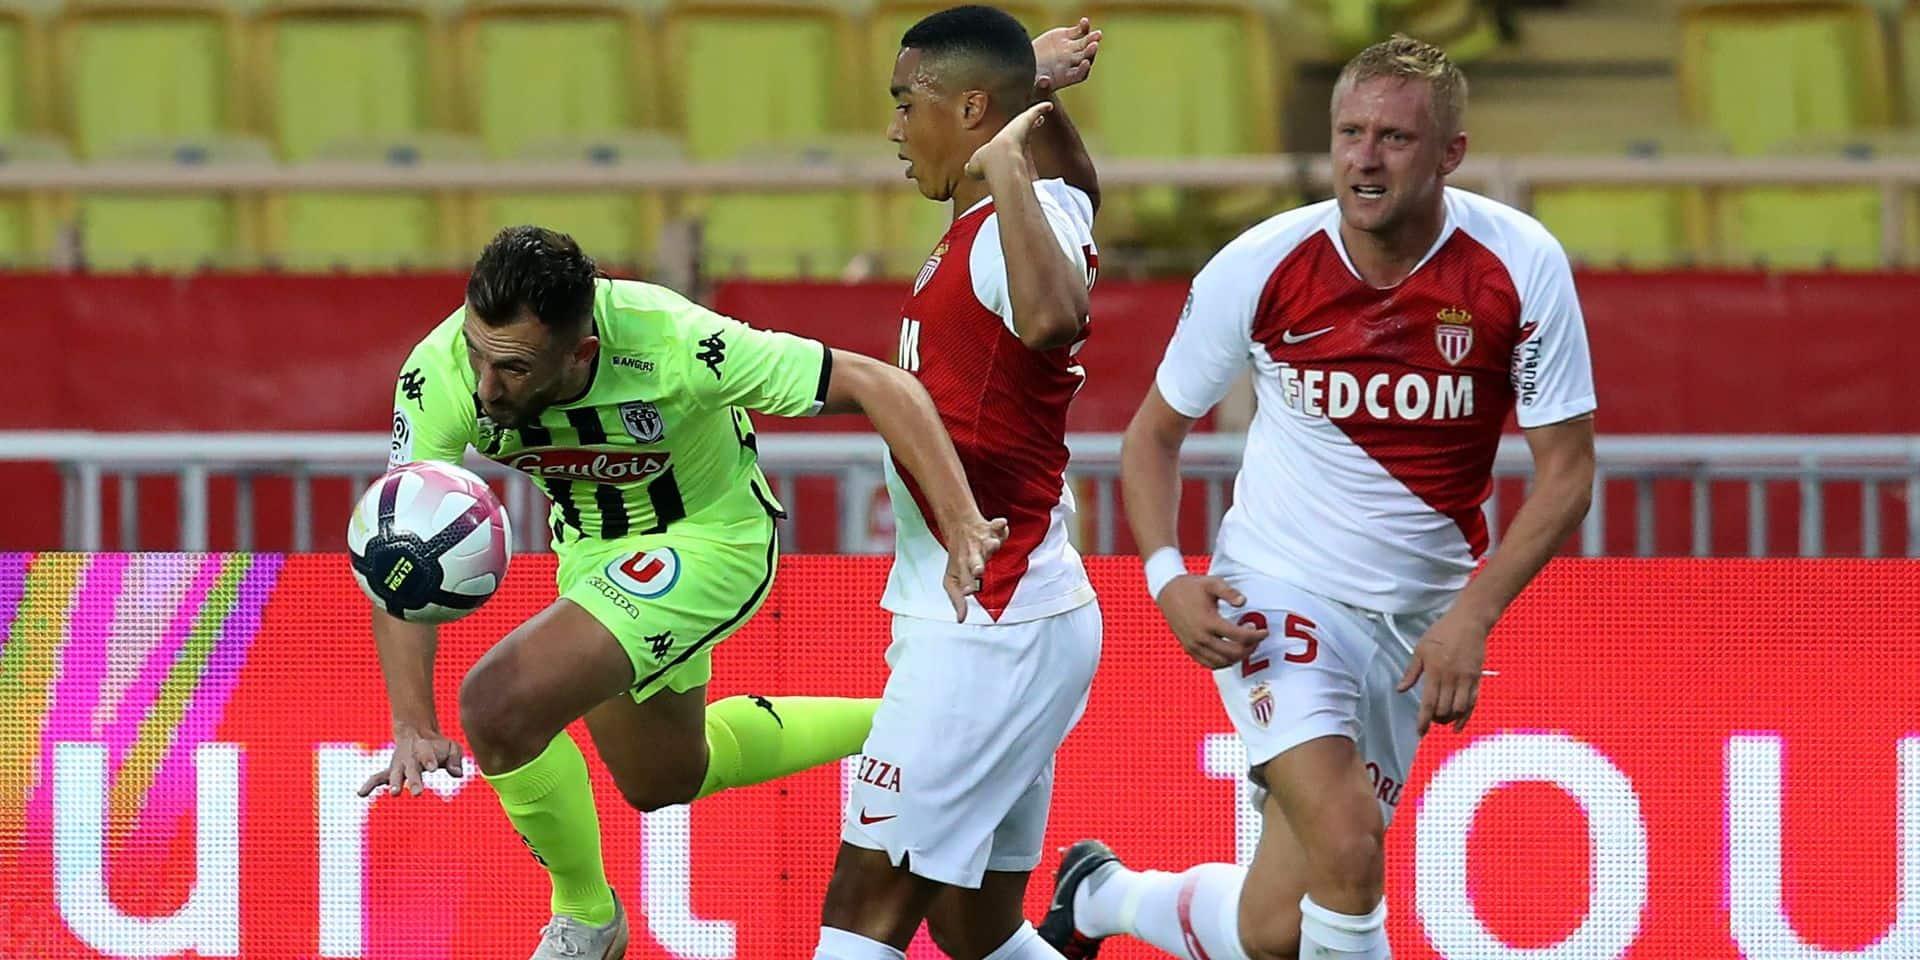 Les Belges à l'étranger: Chadli et Tielemans s'enfoncent avec Monaco, Nantes et Limbombe battus par Nice